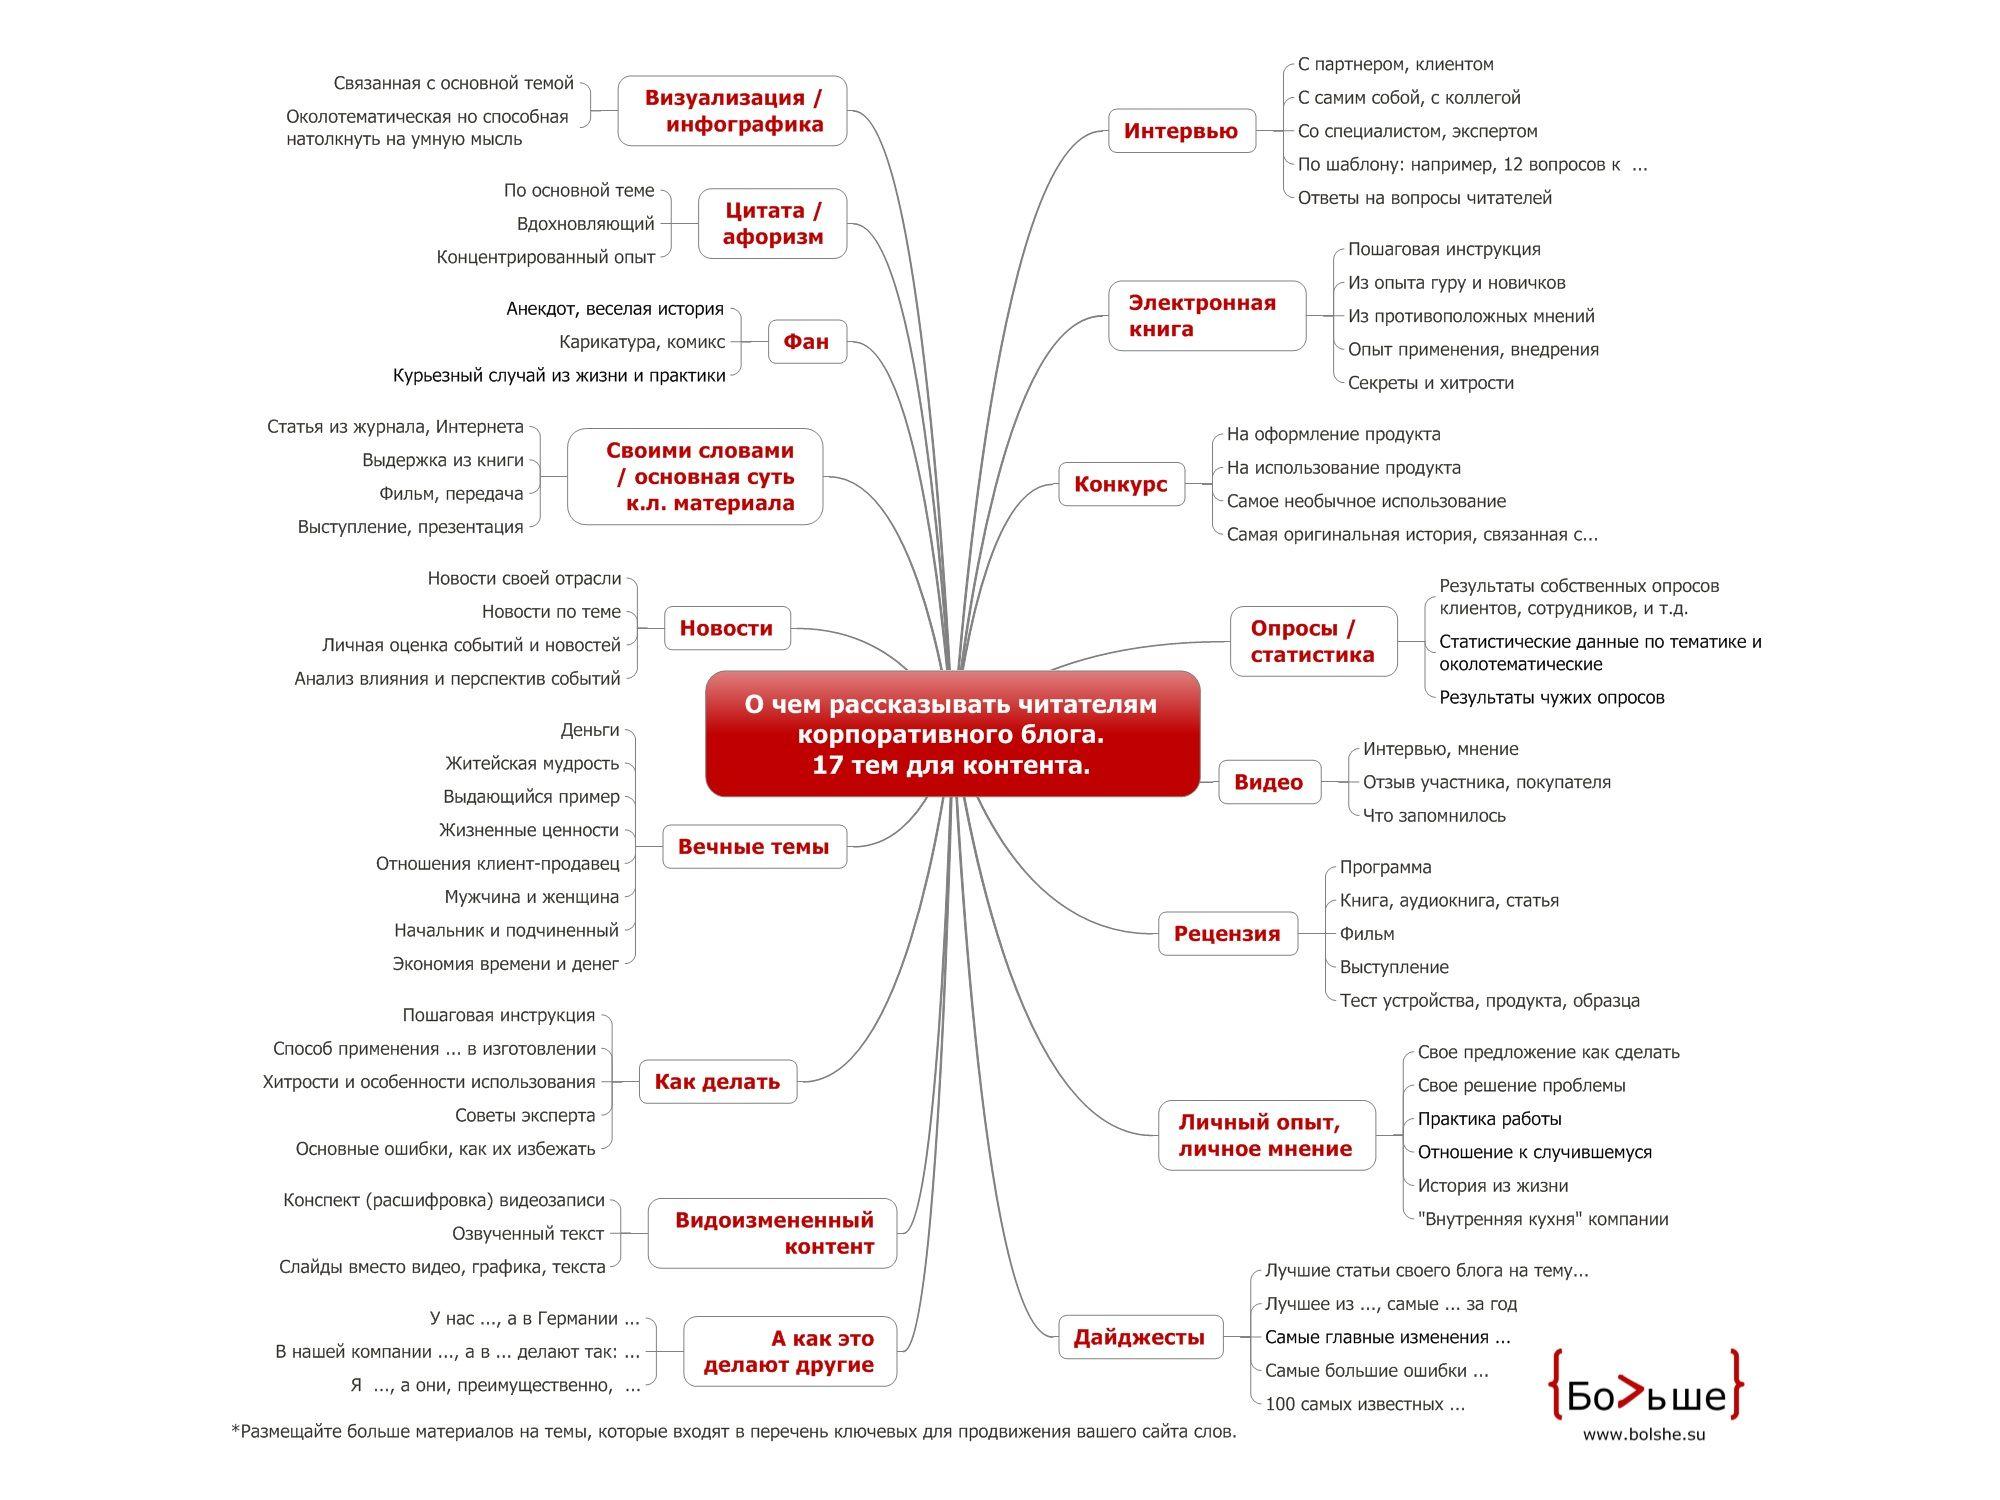 Матрица контента для корпоративного блога в виде схемы